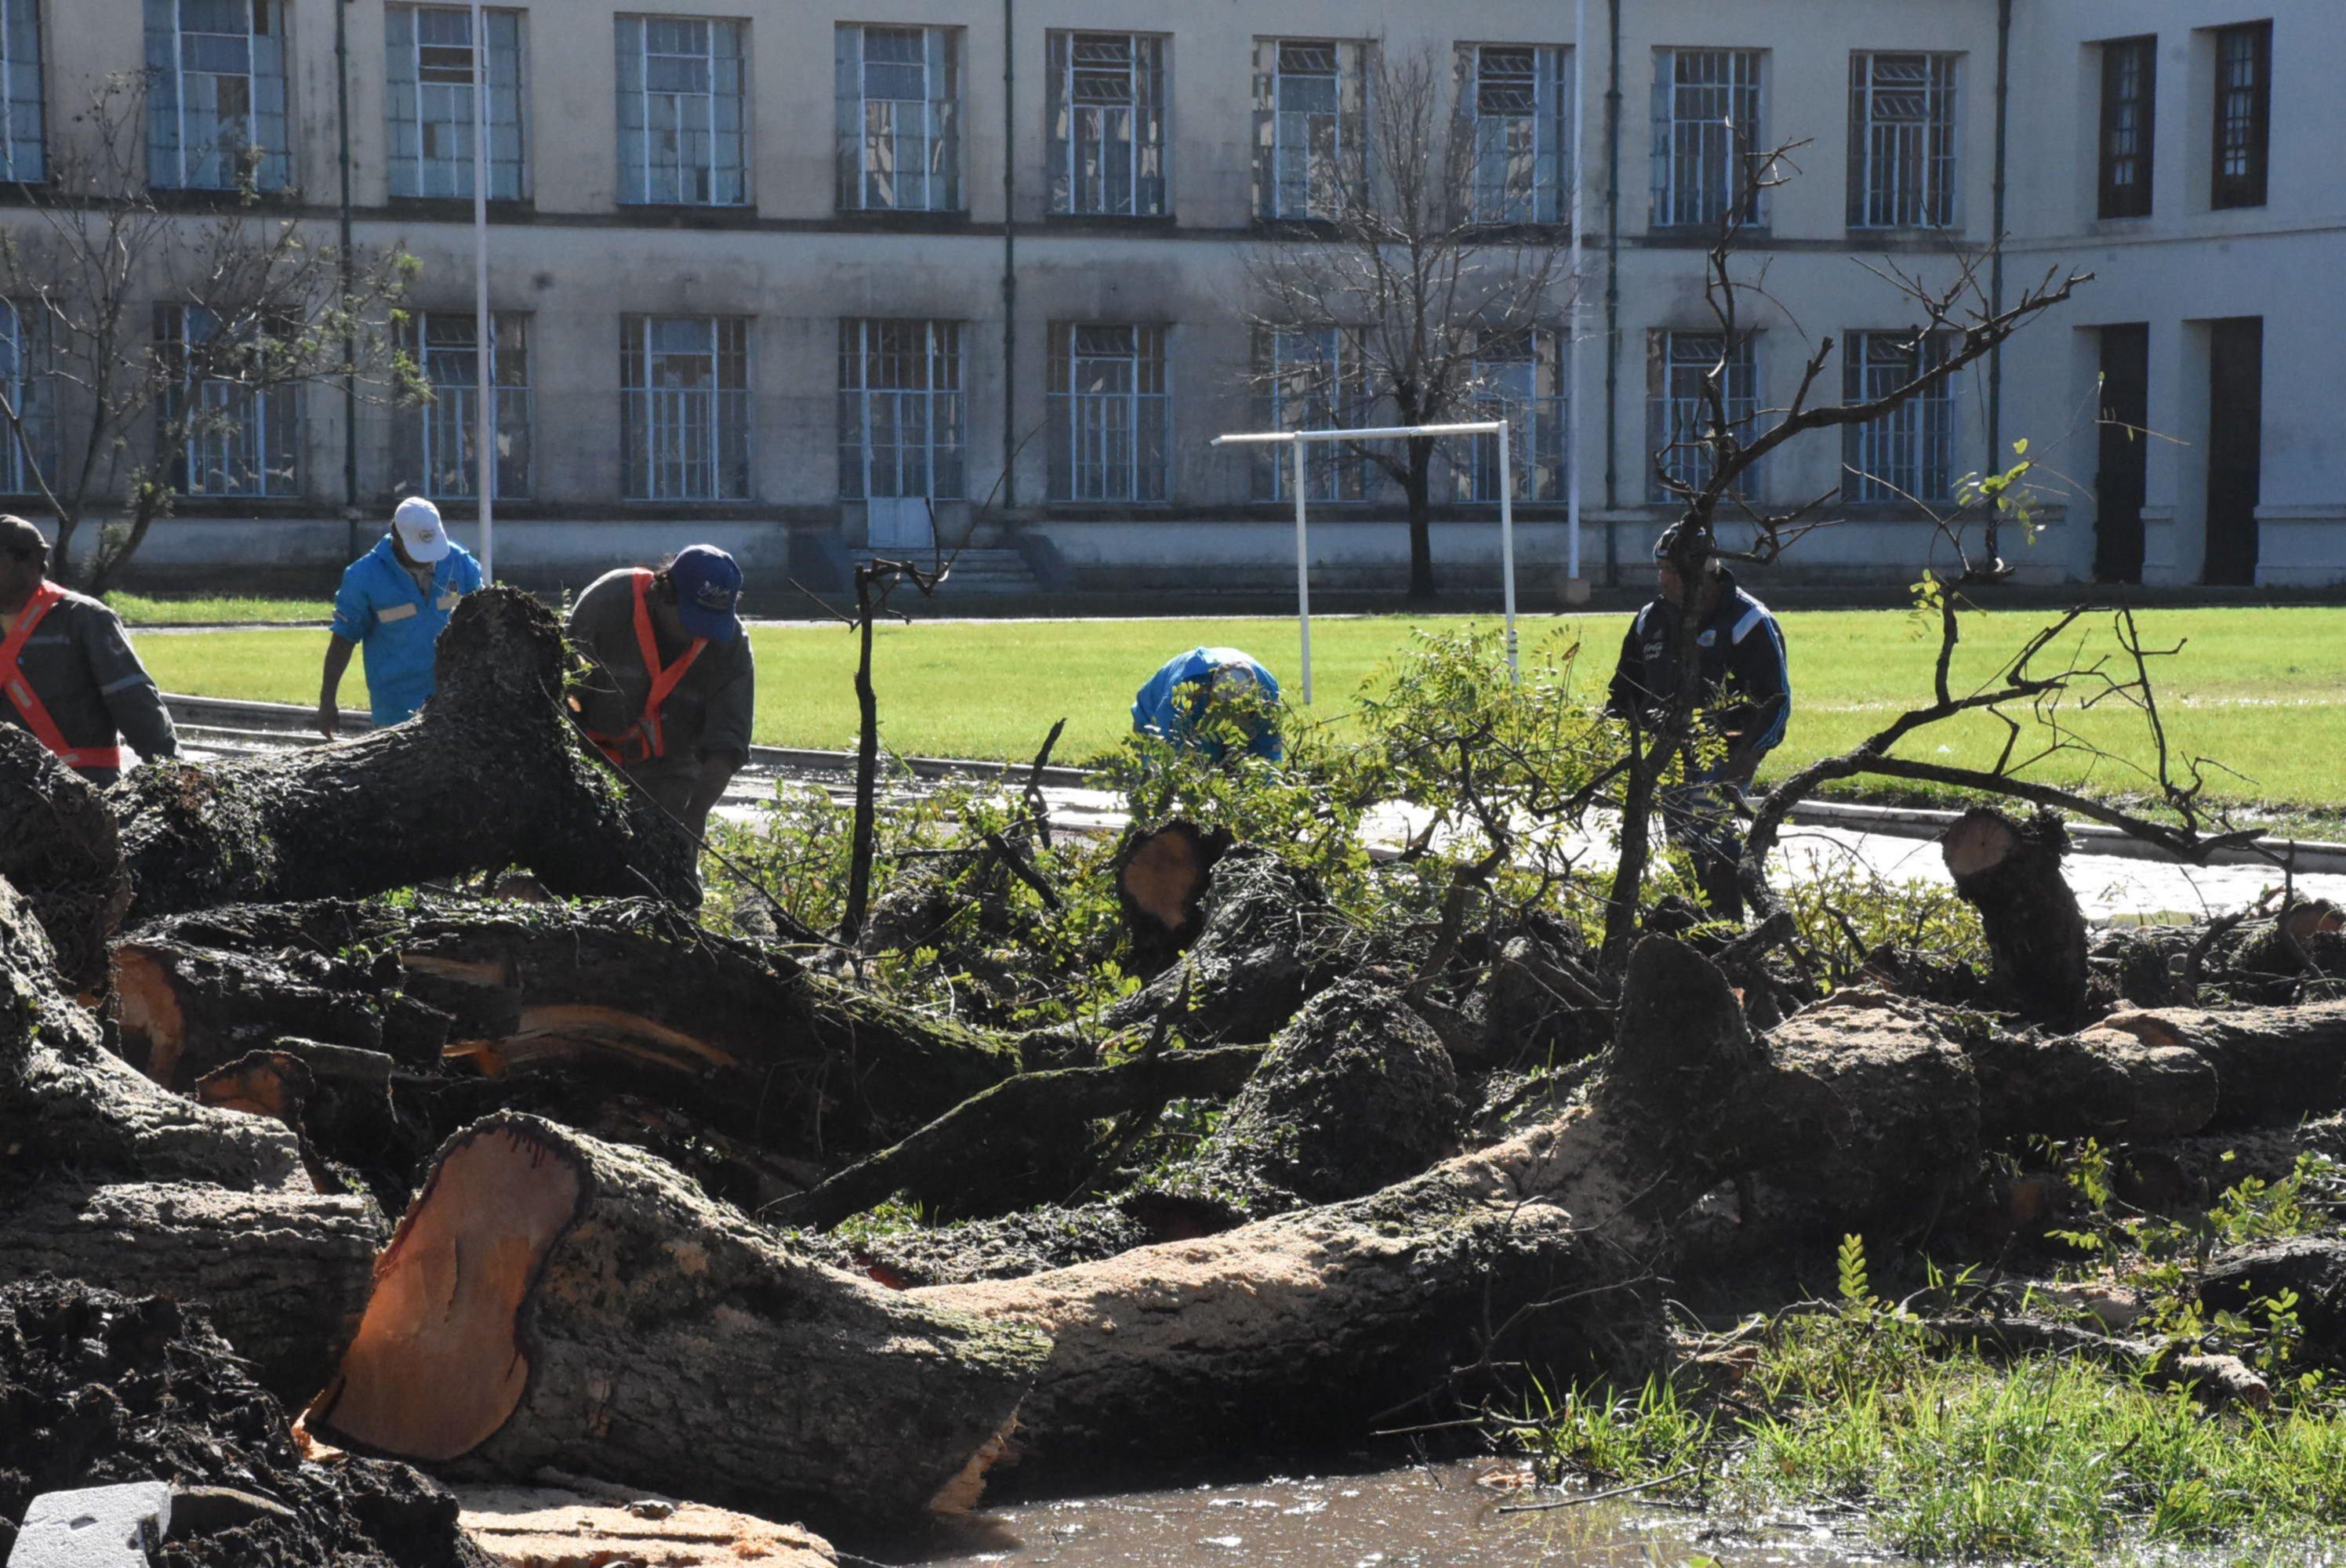 <p>Consecuencias. El muro perimetral se destruyó con la caída del árbol y alistan una nueva construcción.</p>